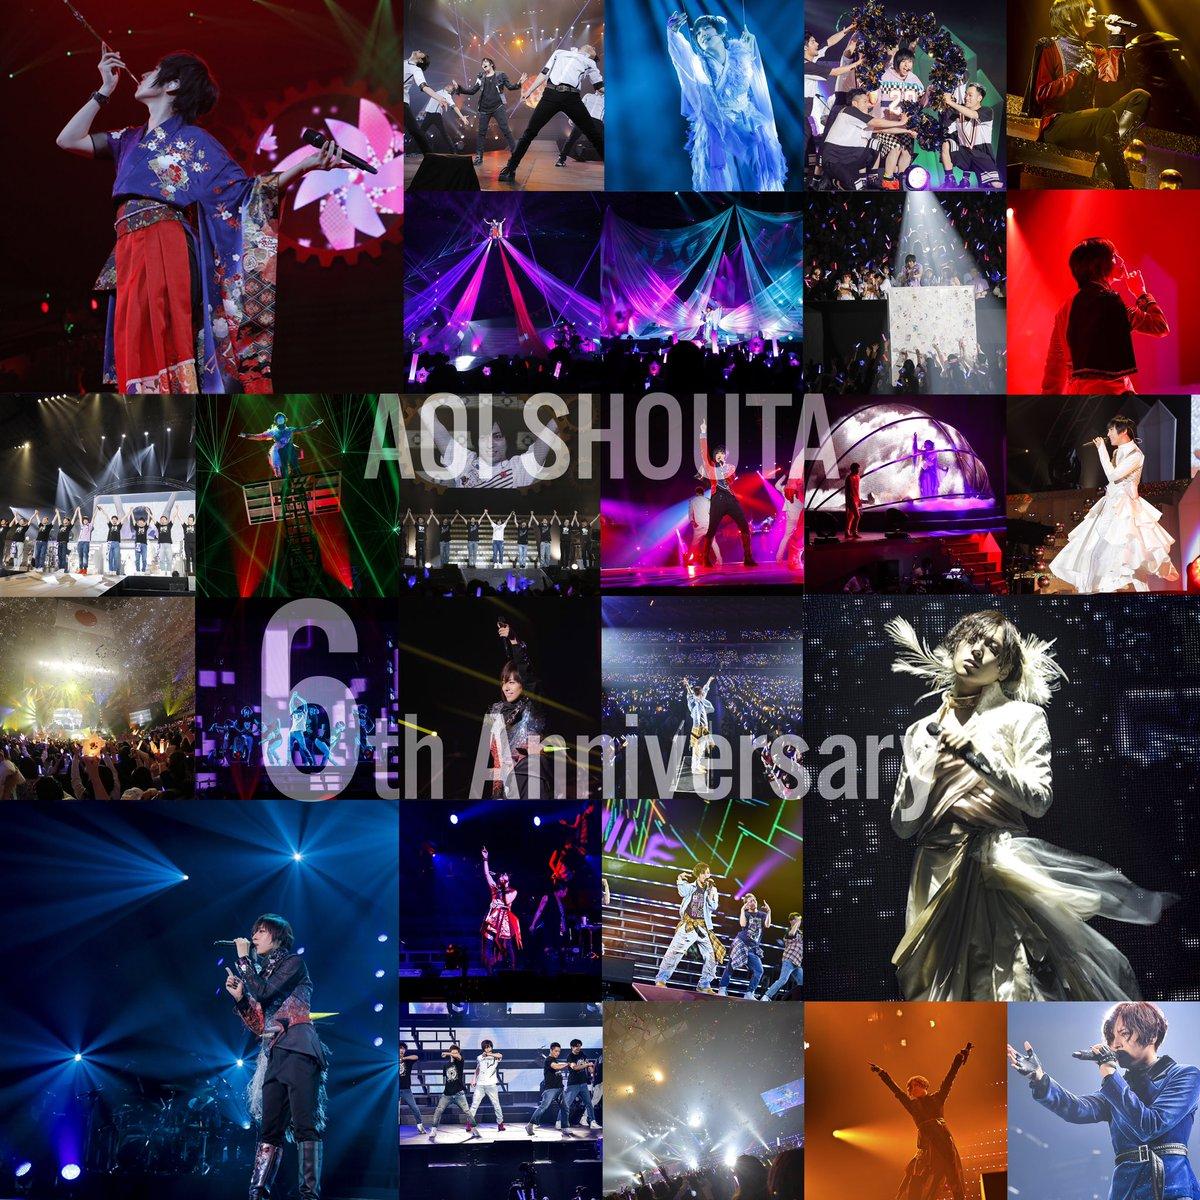 \㊗️6th Anniversary 🎊/本日、6月26日は #蒼井翔太 アーティスト活動6周年記念日です🎉いつも応援してくださる皆様、本当にありがとうございます!!これからも一緒に歩んでいきましょう❣️